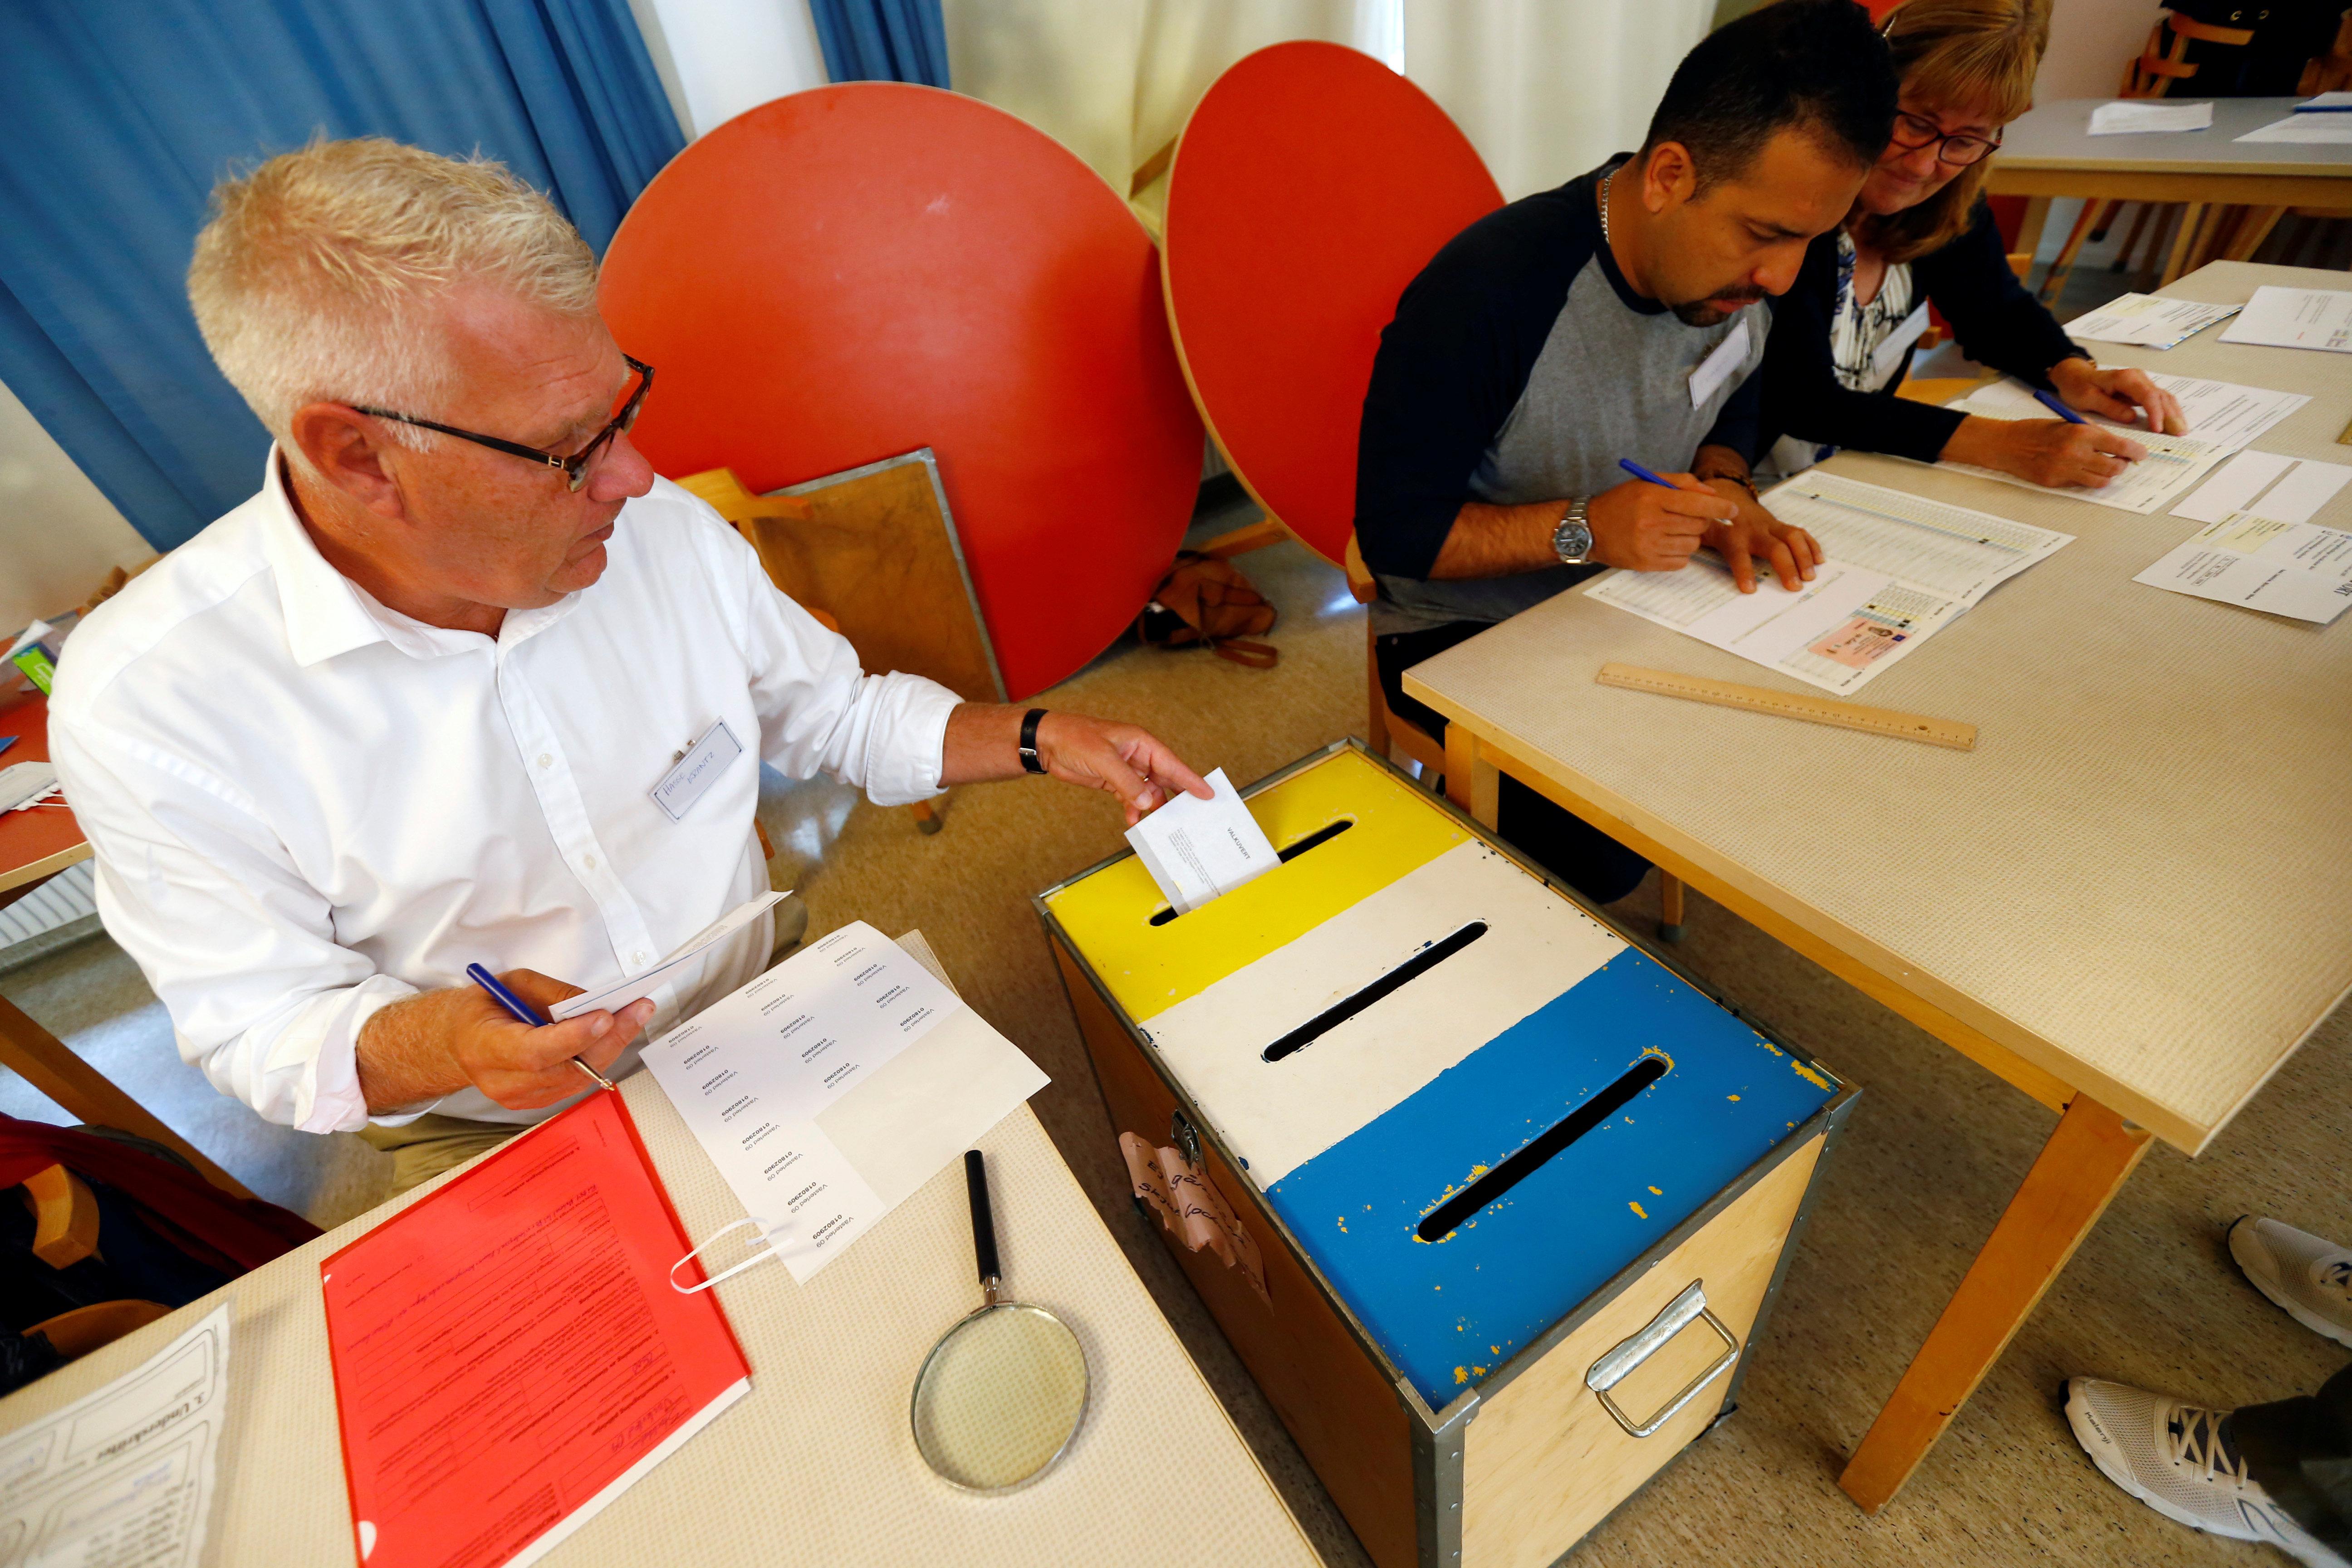 Εκλογές στη Σουηδία: Αμφίρροπο θεωρείται το αποτέλεσμα. Ανησυχία για την ενδυνάμωση της άκρας